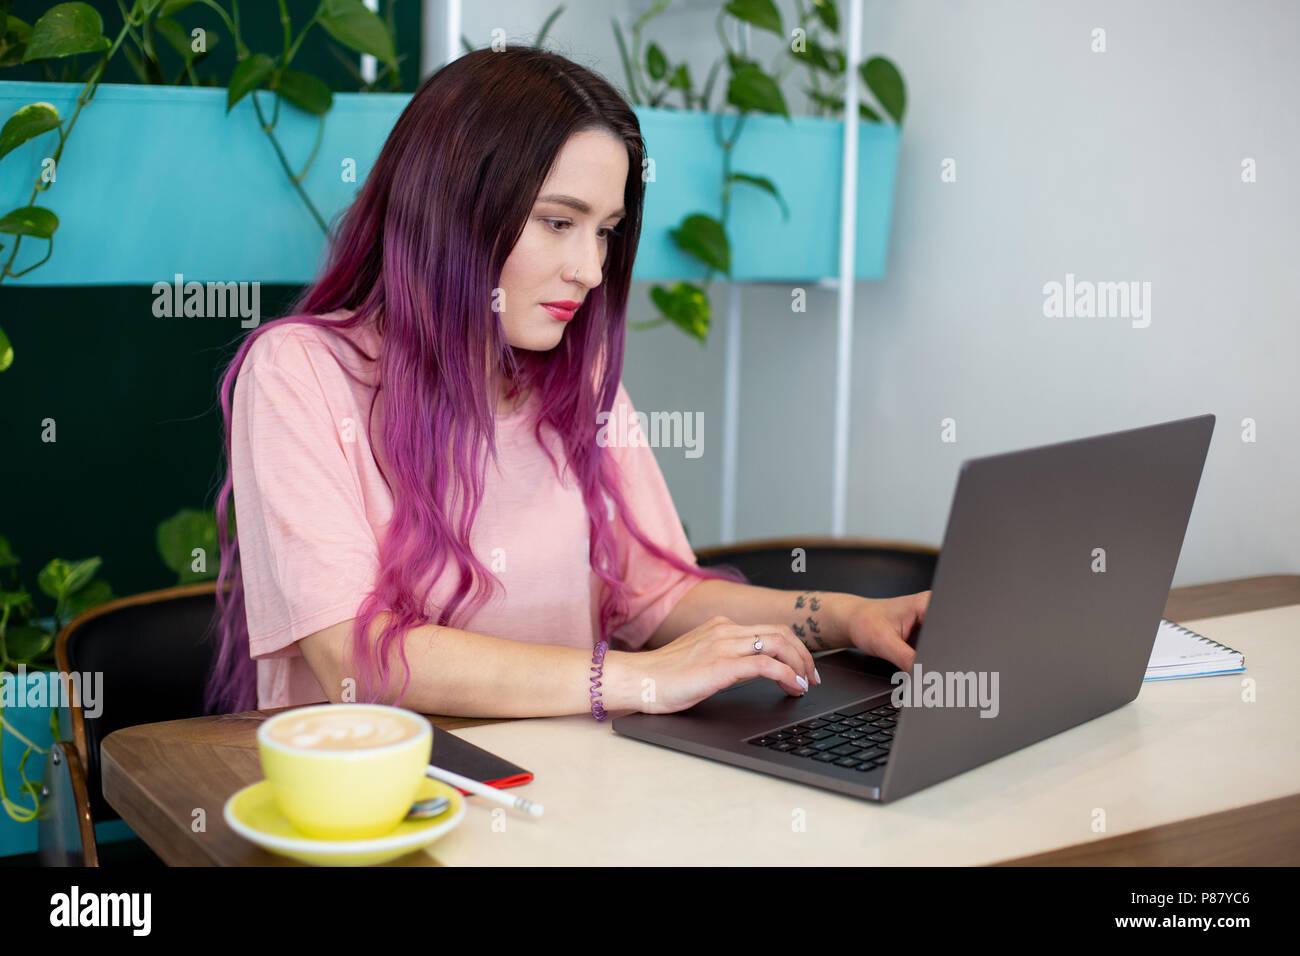 Jeune femme aux cheveux roses avec un ordinateur portable assis dans un café, une femme intelligente student working on net-book. Photo Stock